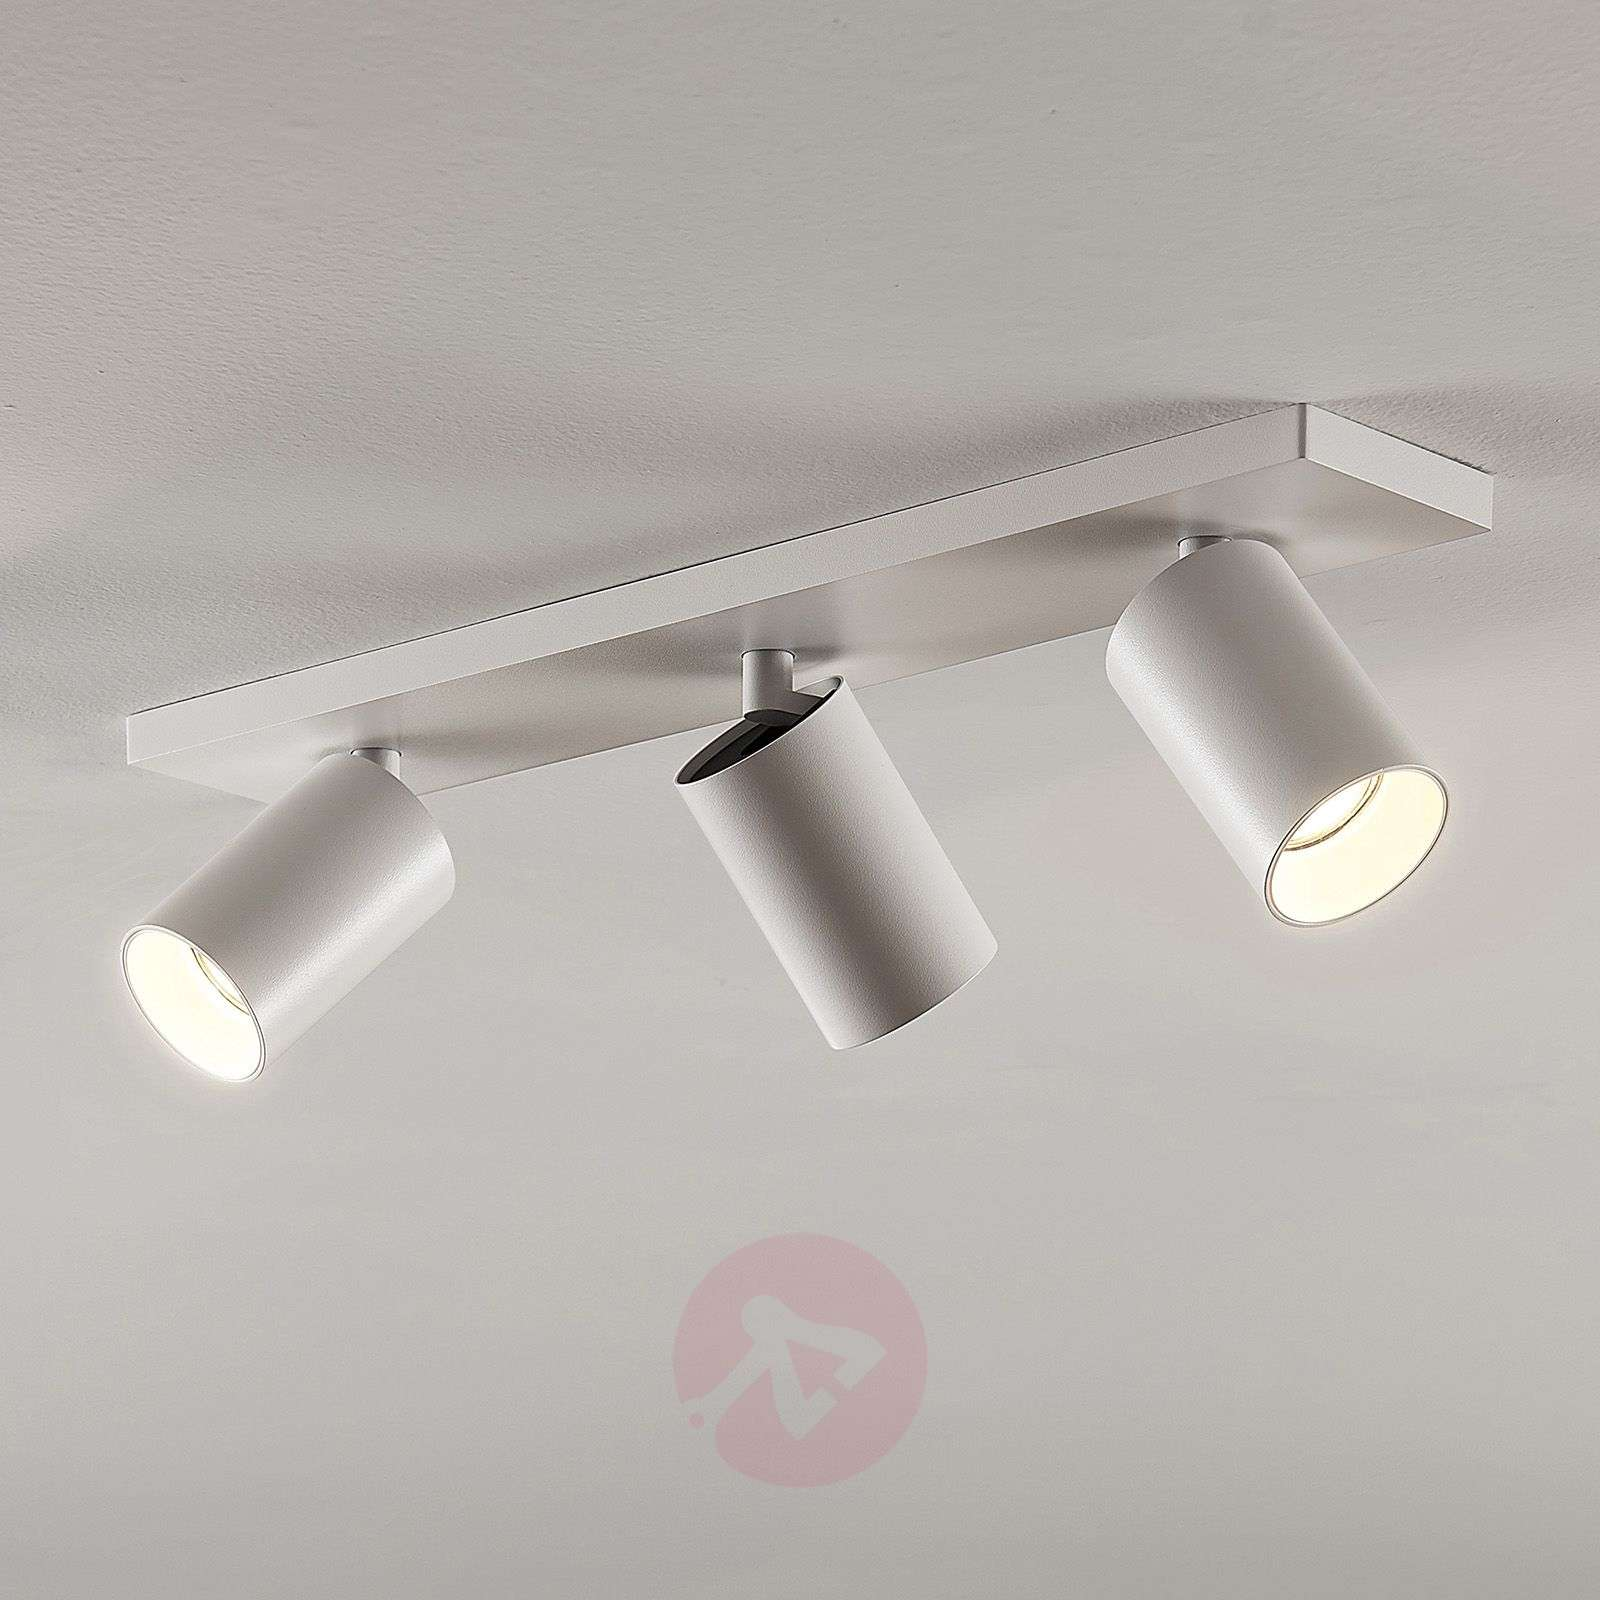 Kohdevalo Brinja GU10 valkoinen 3 lamppua-9928013-01